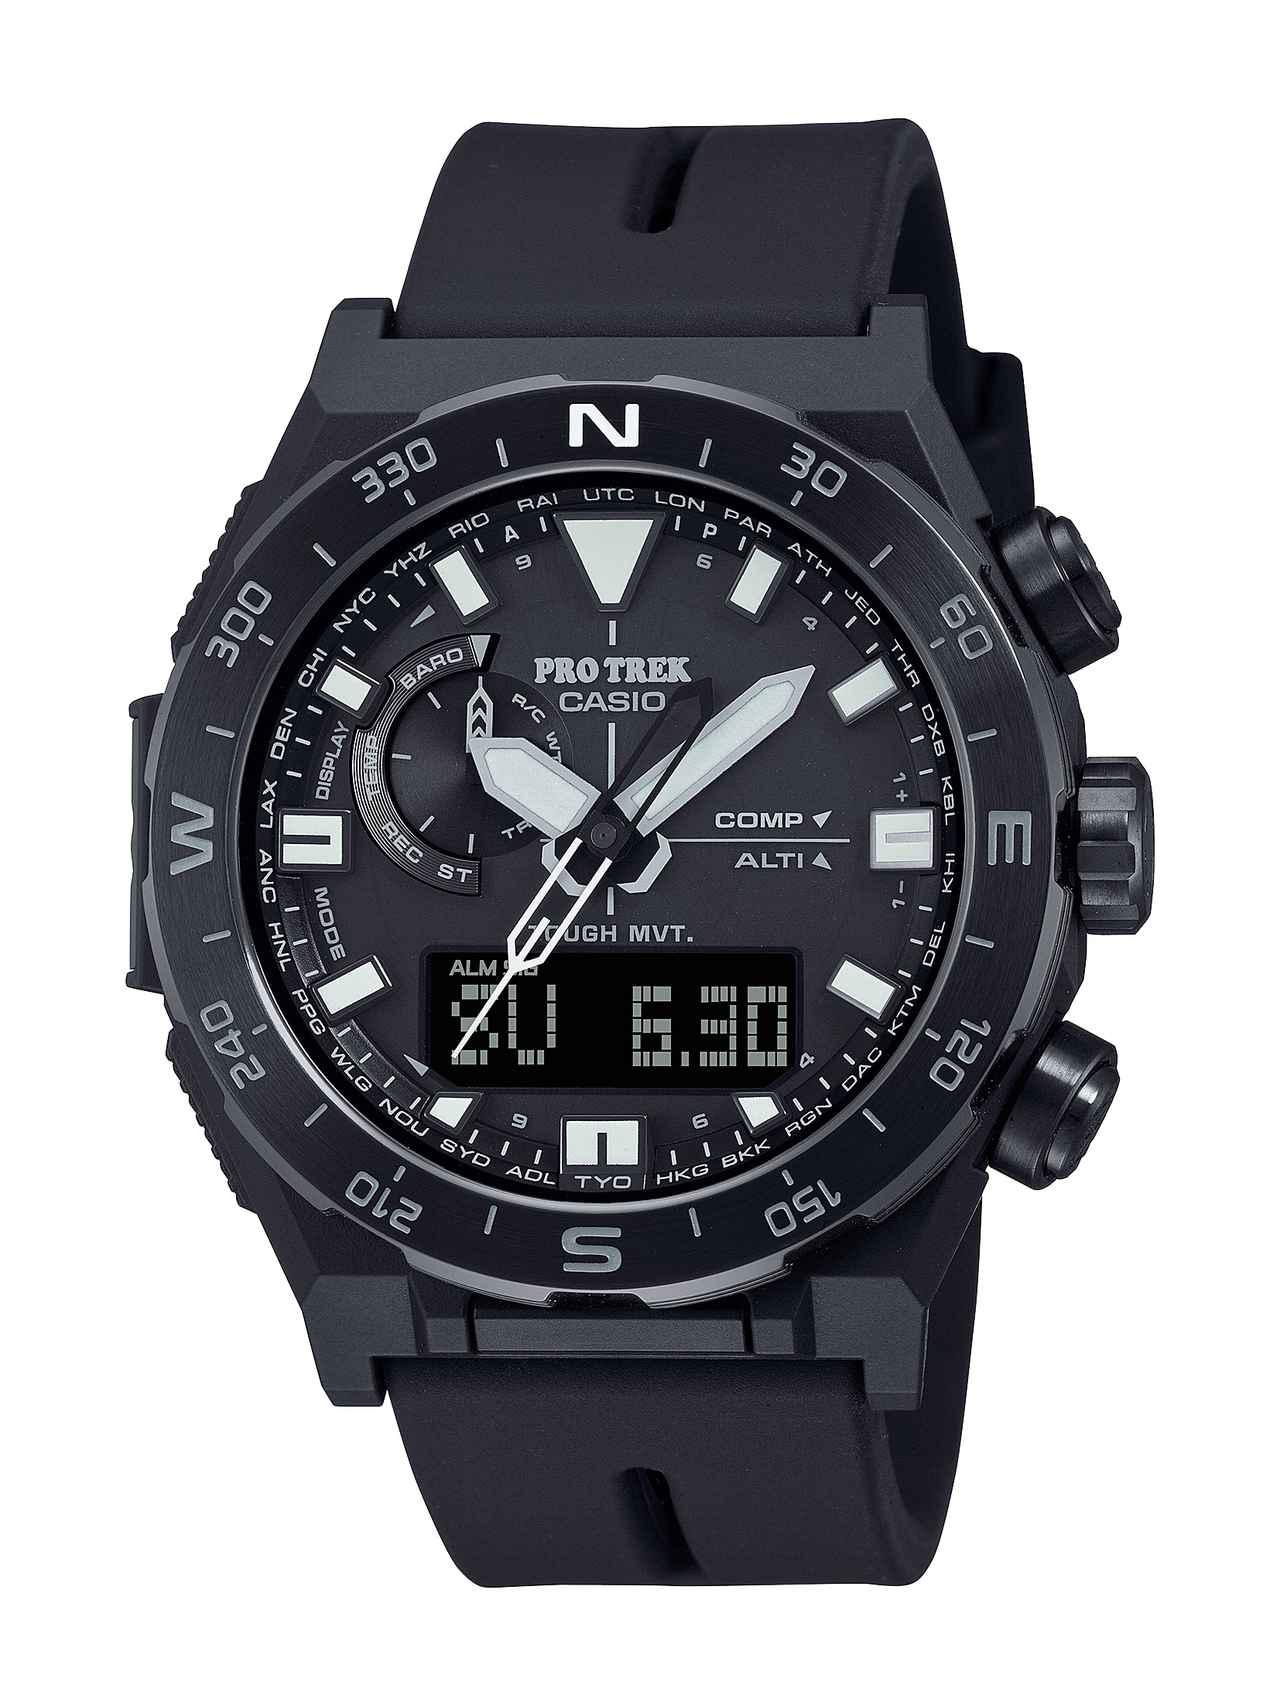 画像8: 方位計測機能に特化したプロトレックの腕時計が新登場! 回転ベゼルを採用、紙の地図との併用を想定した旅するハイテクウォッチ